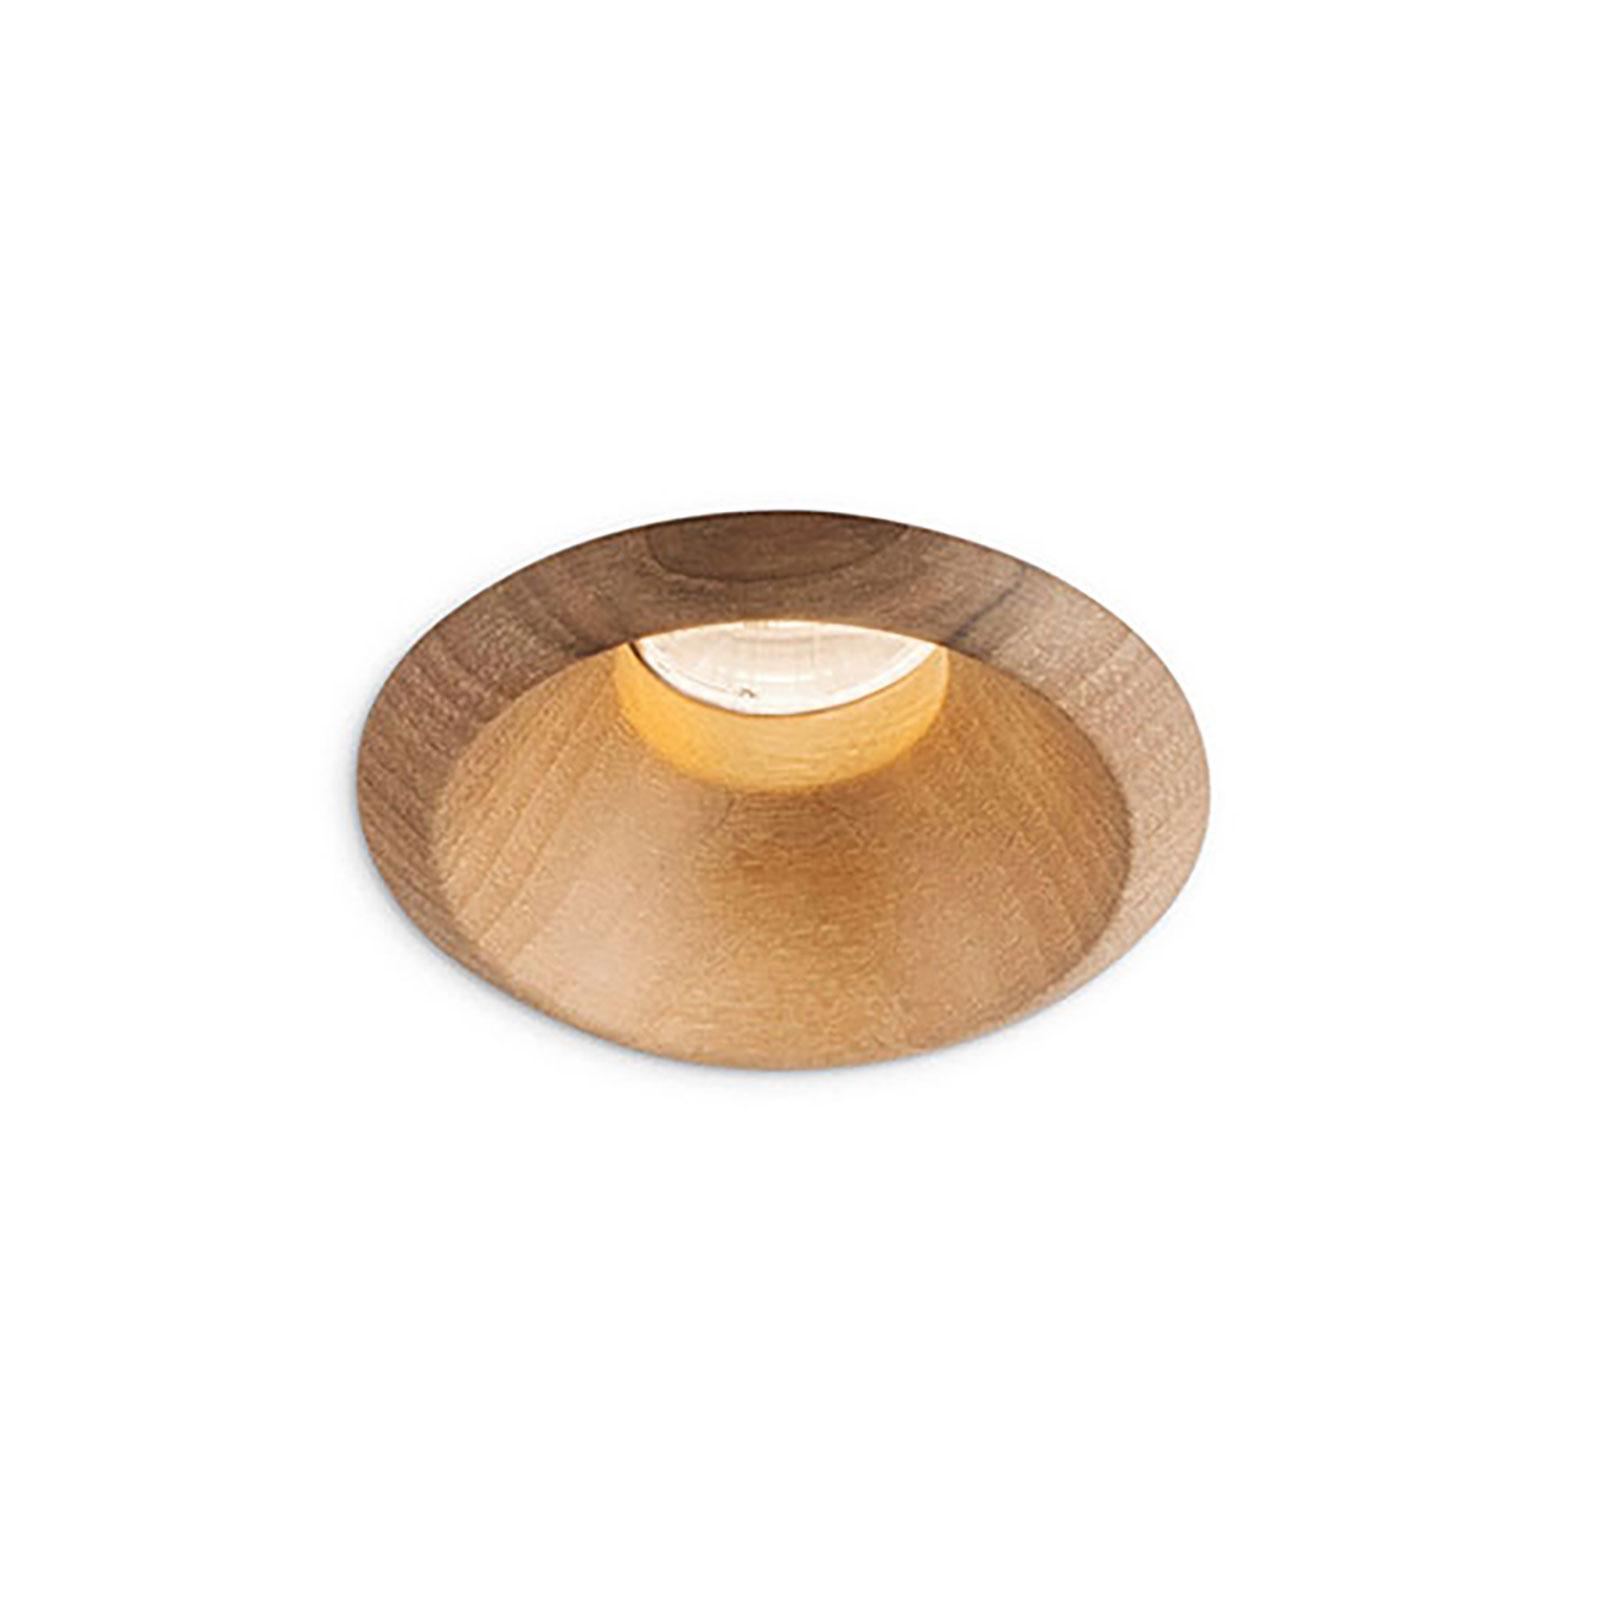 LEDS-C4 Play Raw -uppovalo, pähkinä 927 6,4W 50°